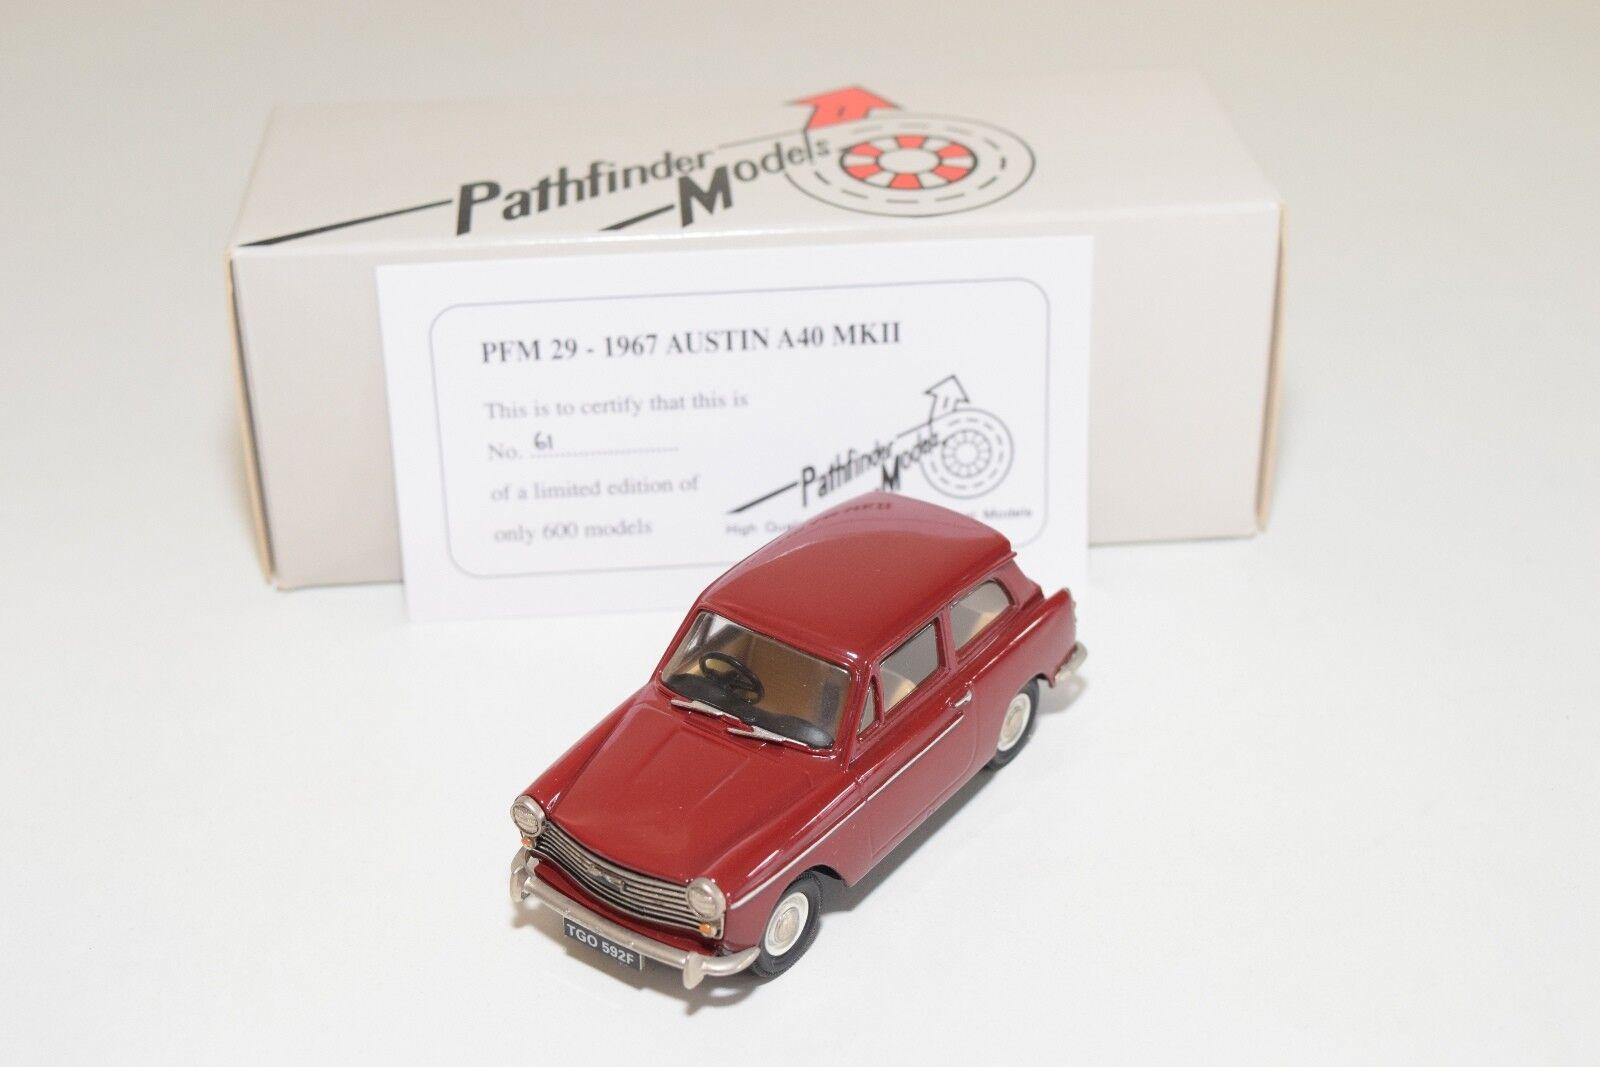 PATHFINDER MODELS PFM29 PFM 29 1967 AUSTIN A40 MKII rojo MINT BOXED 61 600